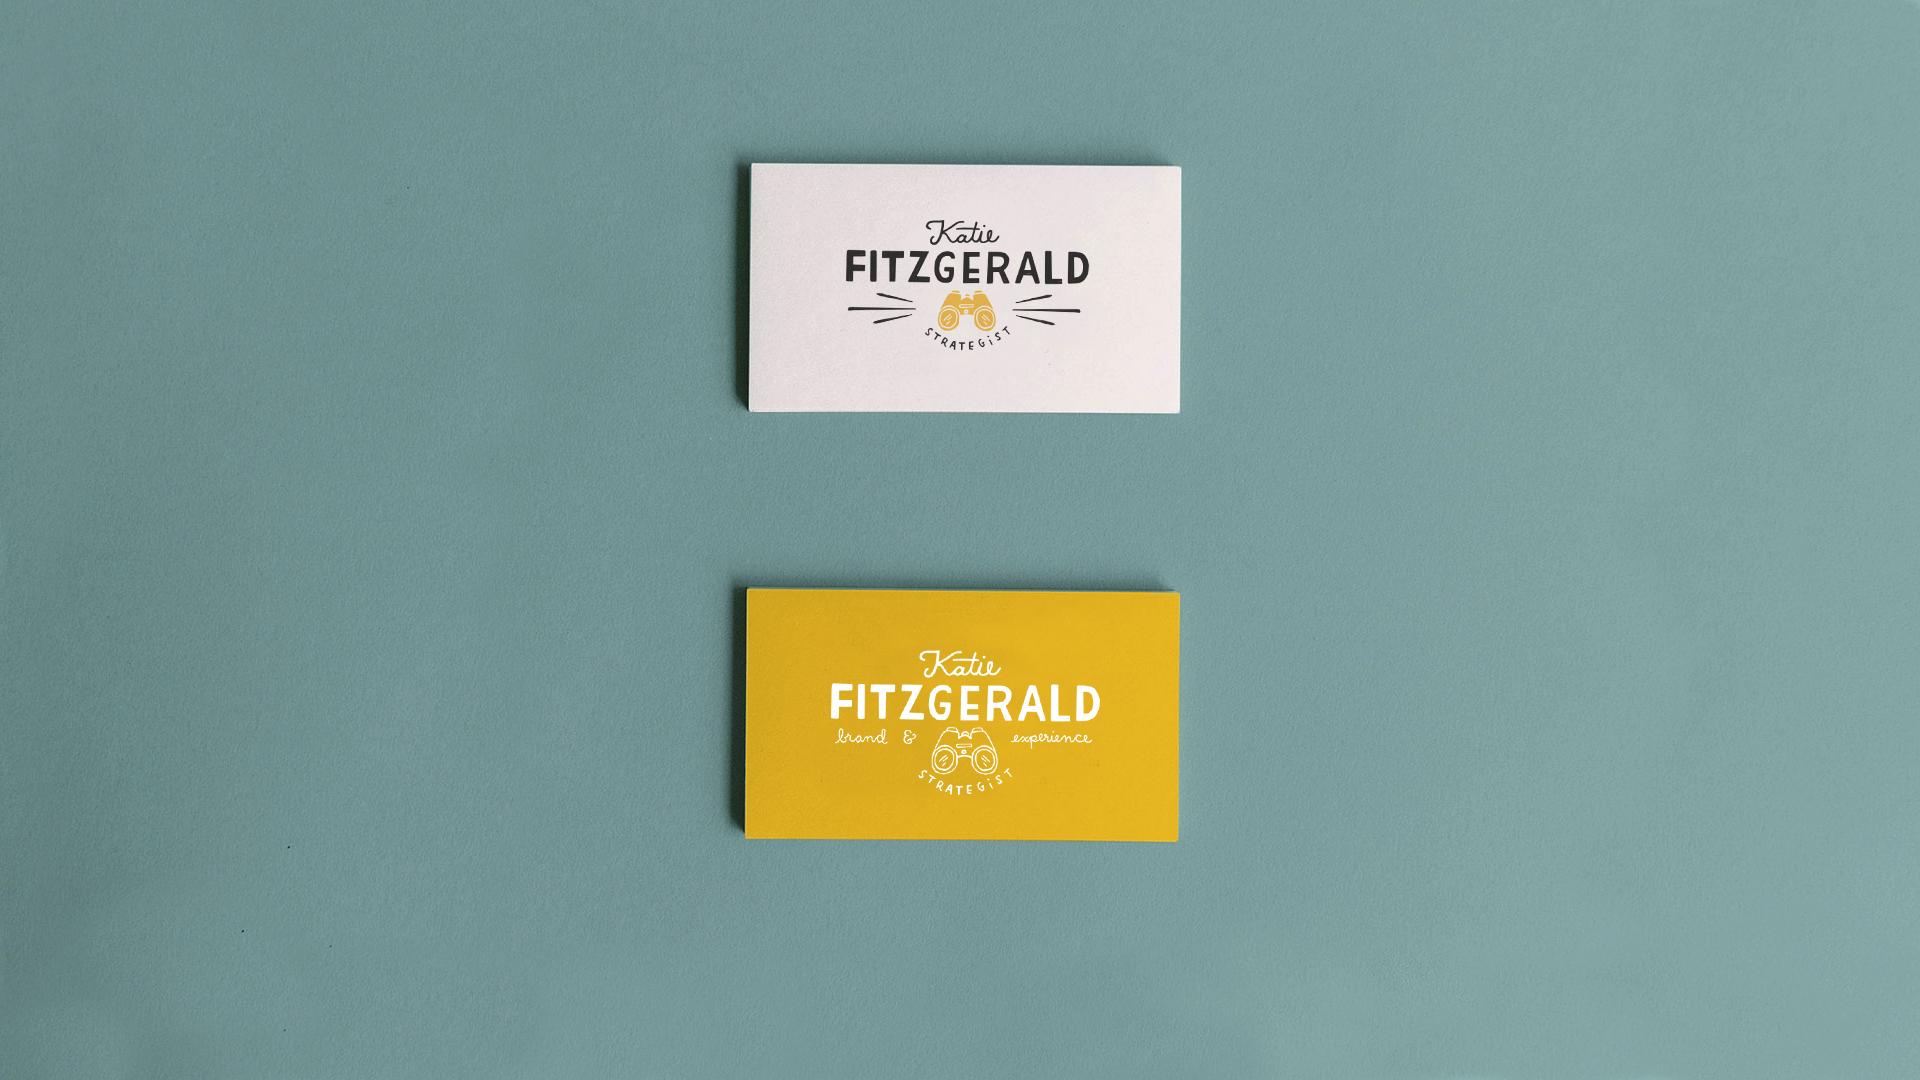 KFitz_header.jpg